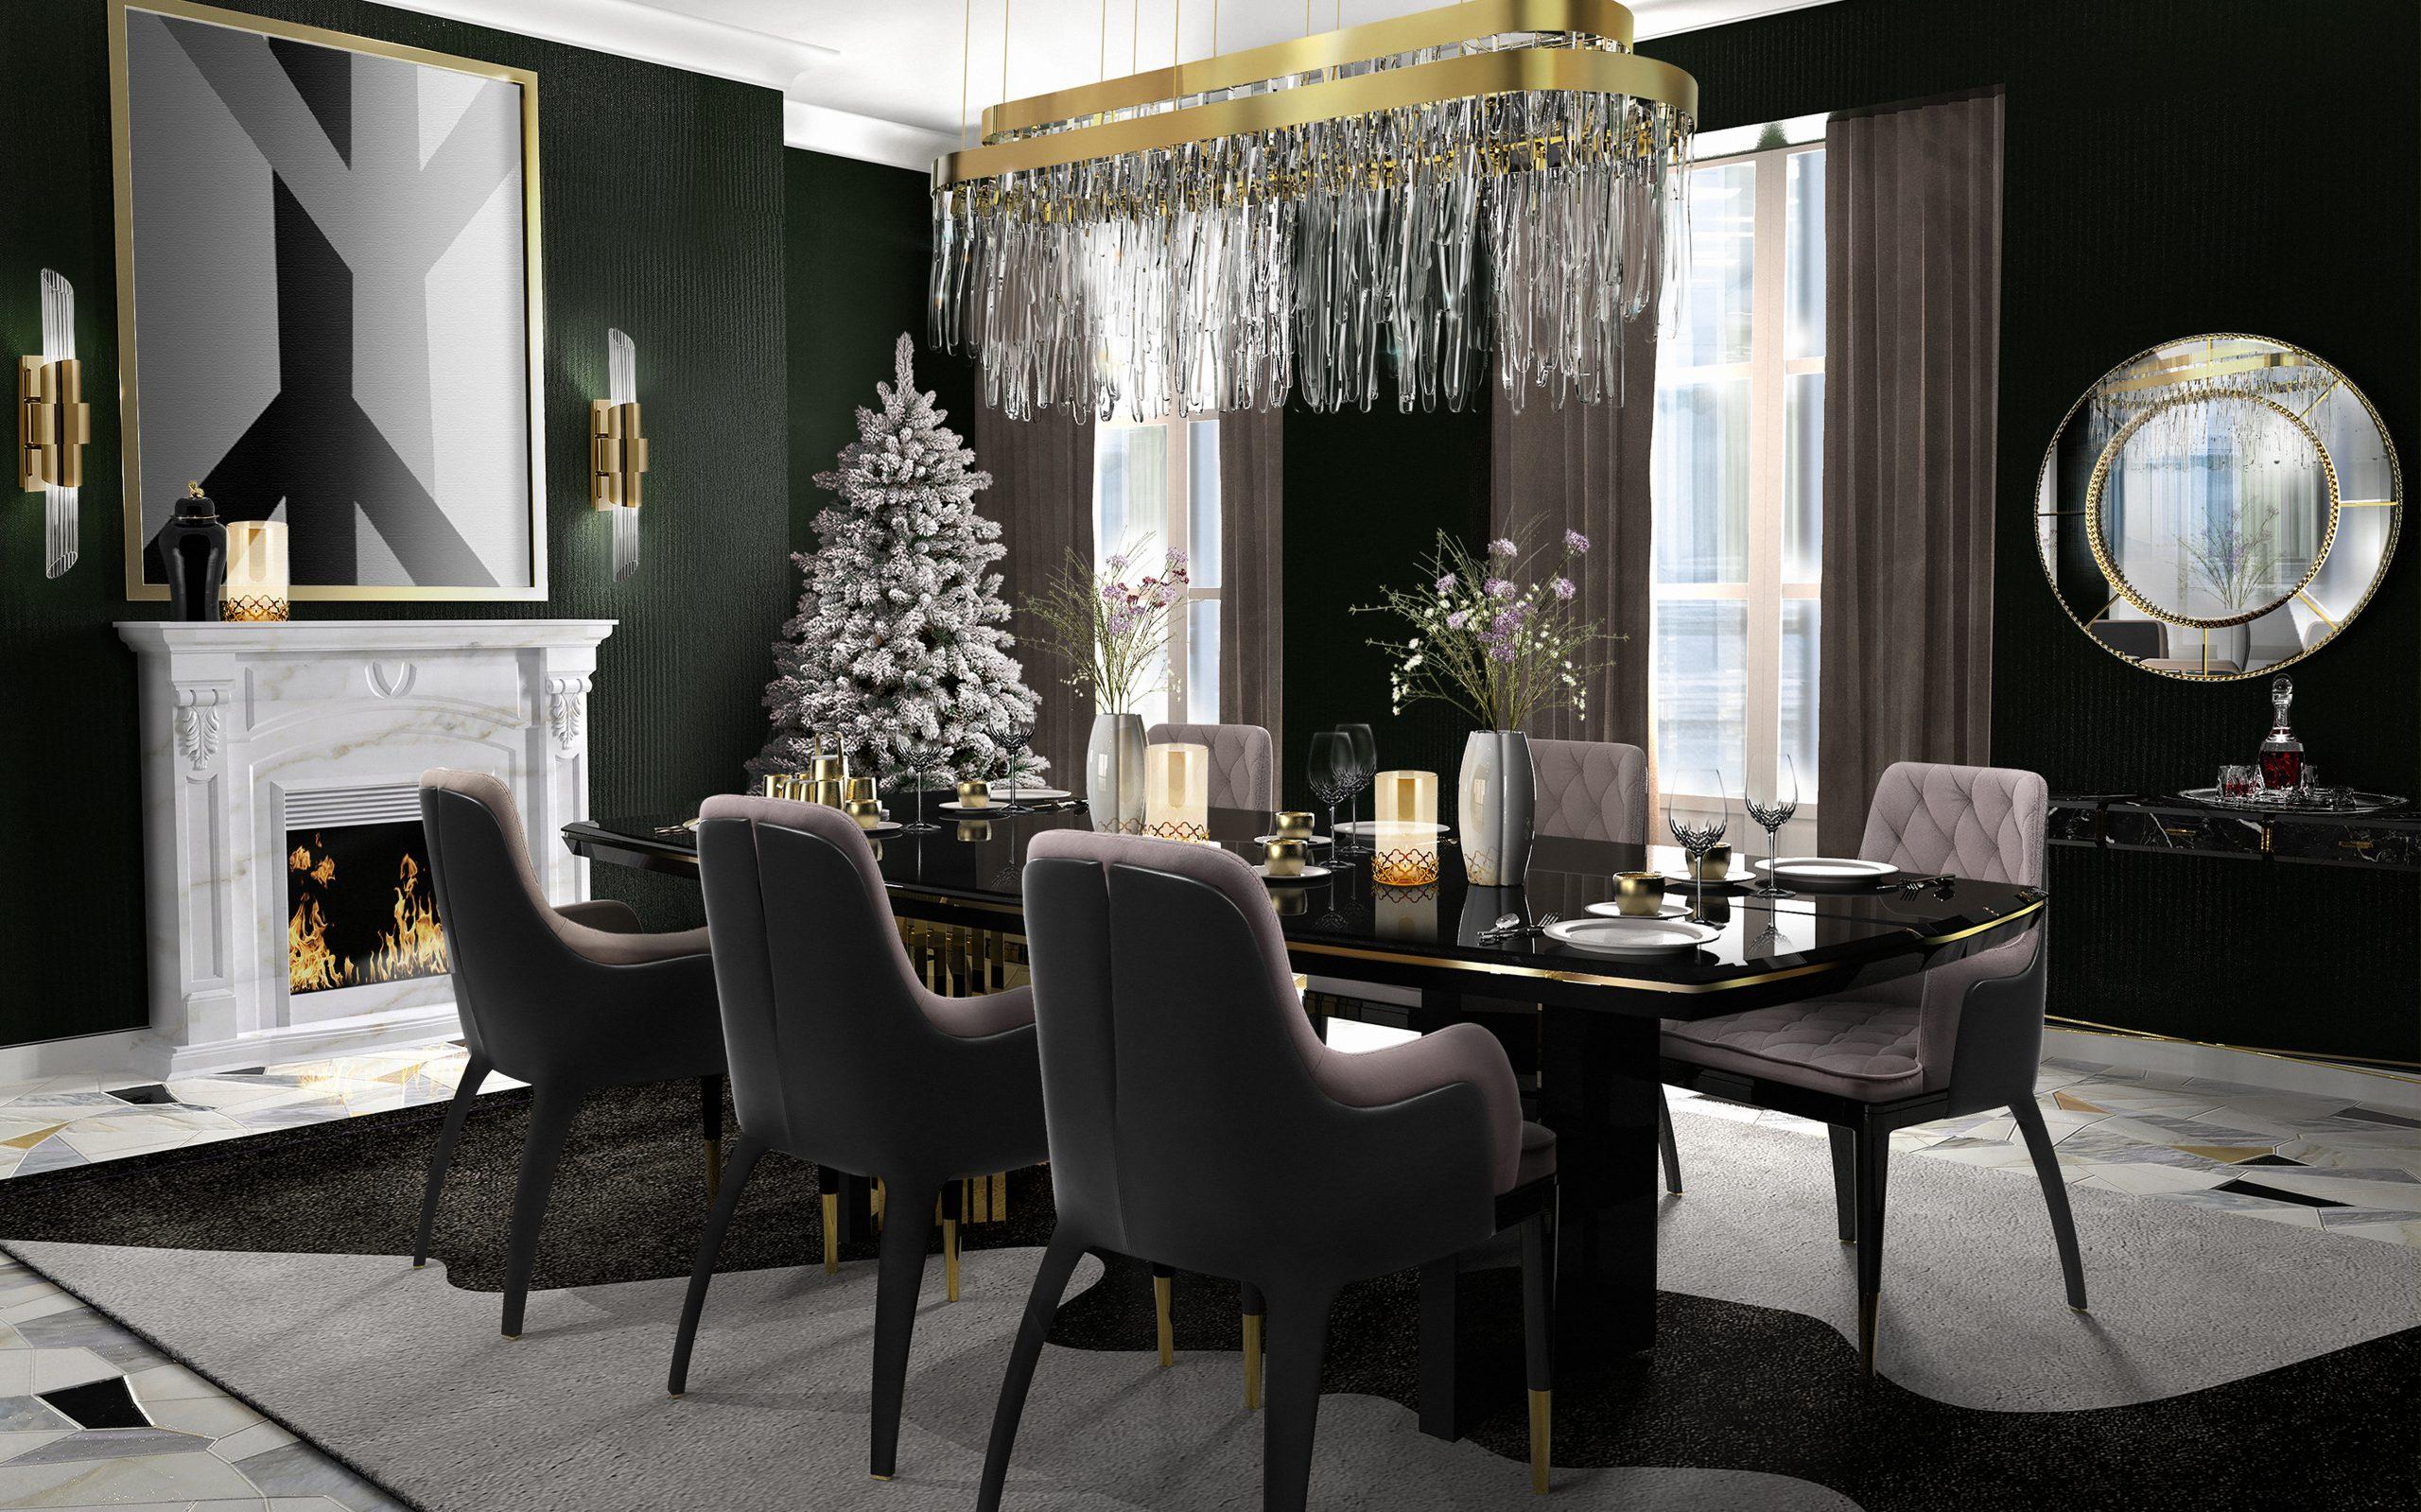 winter chandeliers